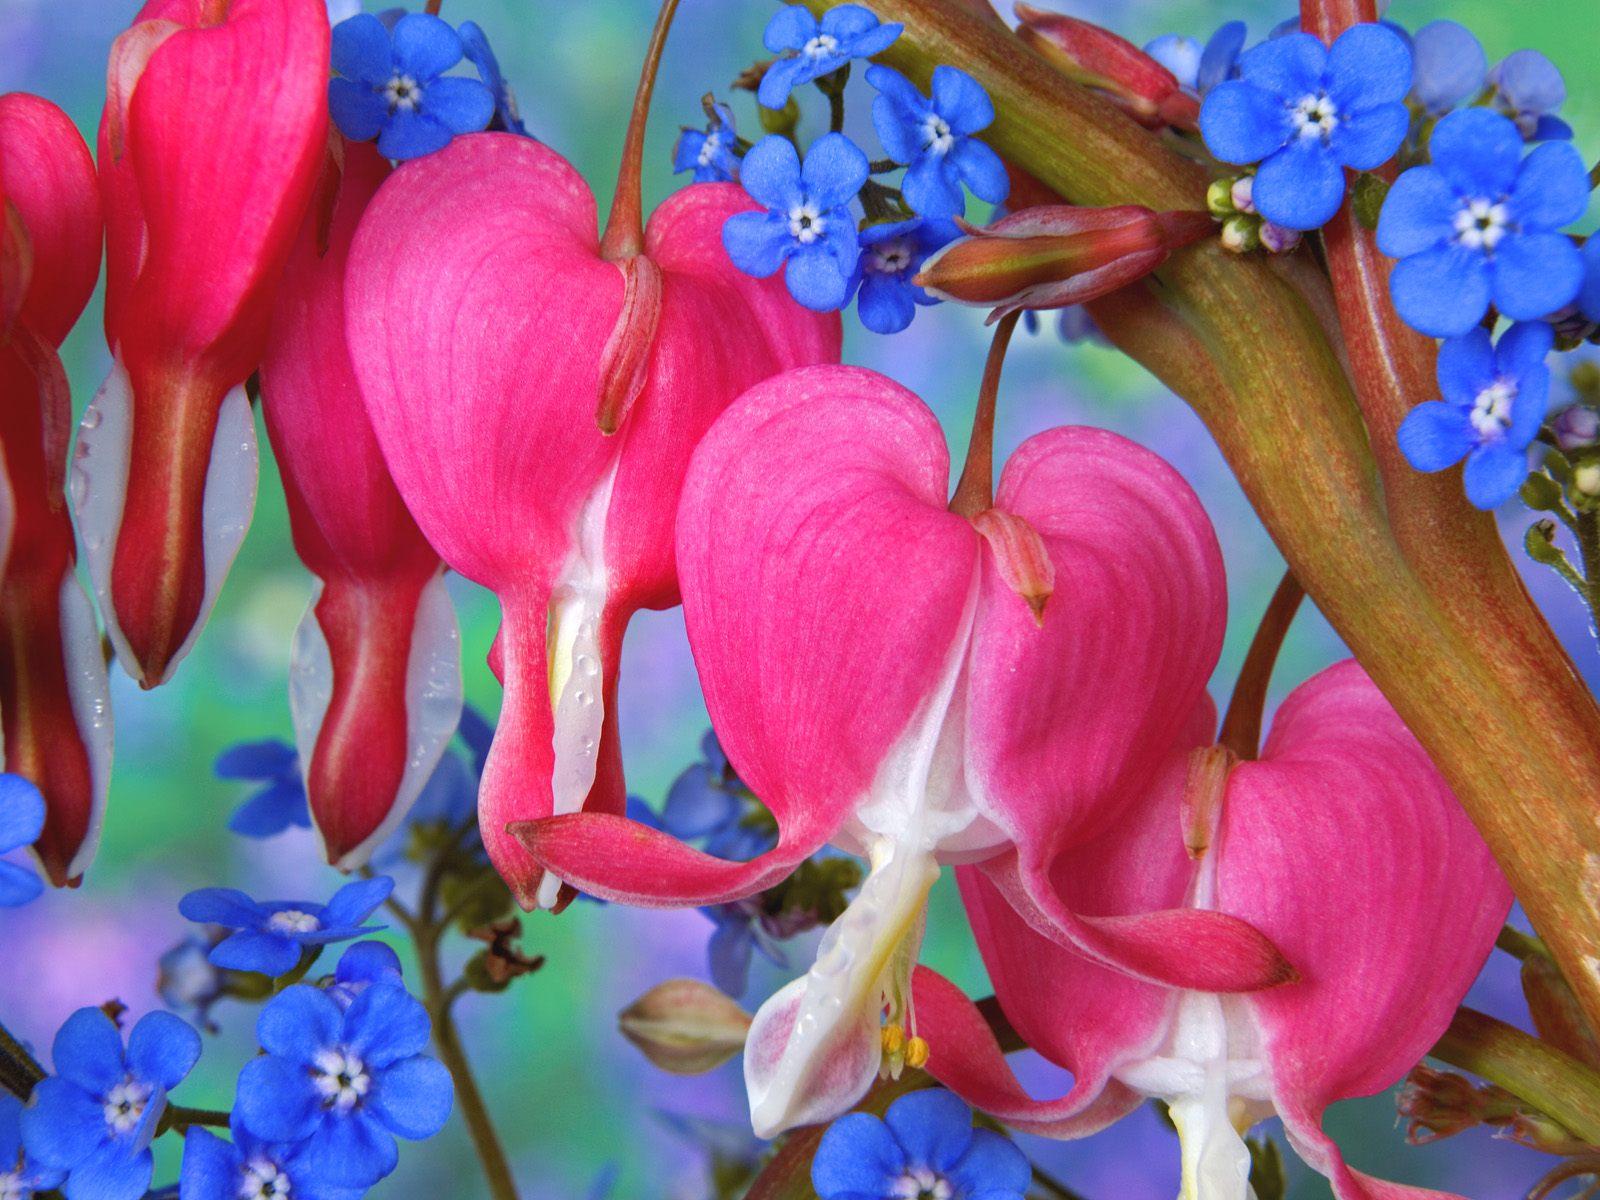 صورة زهرة نادرة اسمها نزيف القلب , صور لزهرة الجمال القاتل